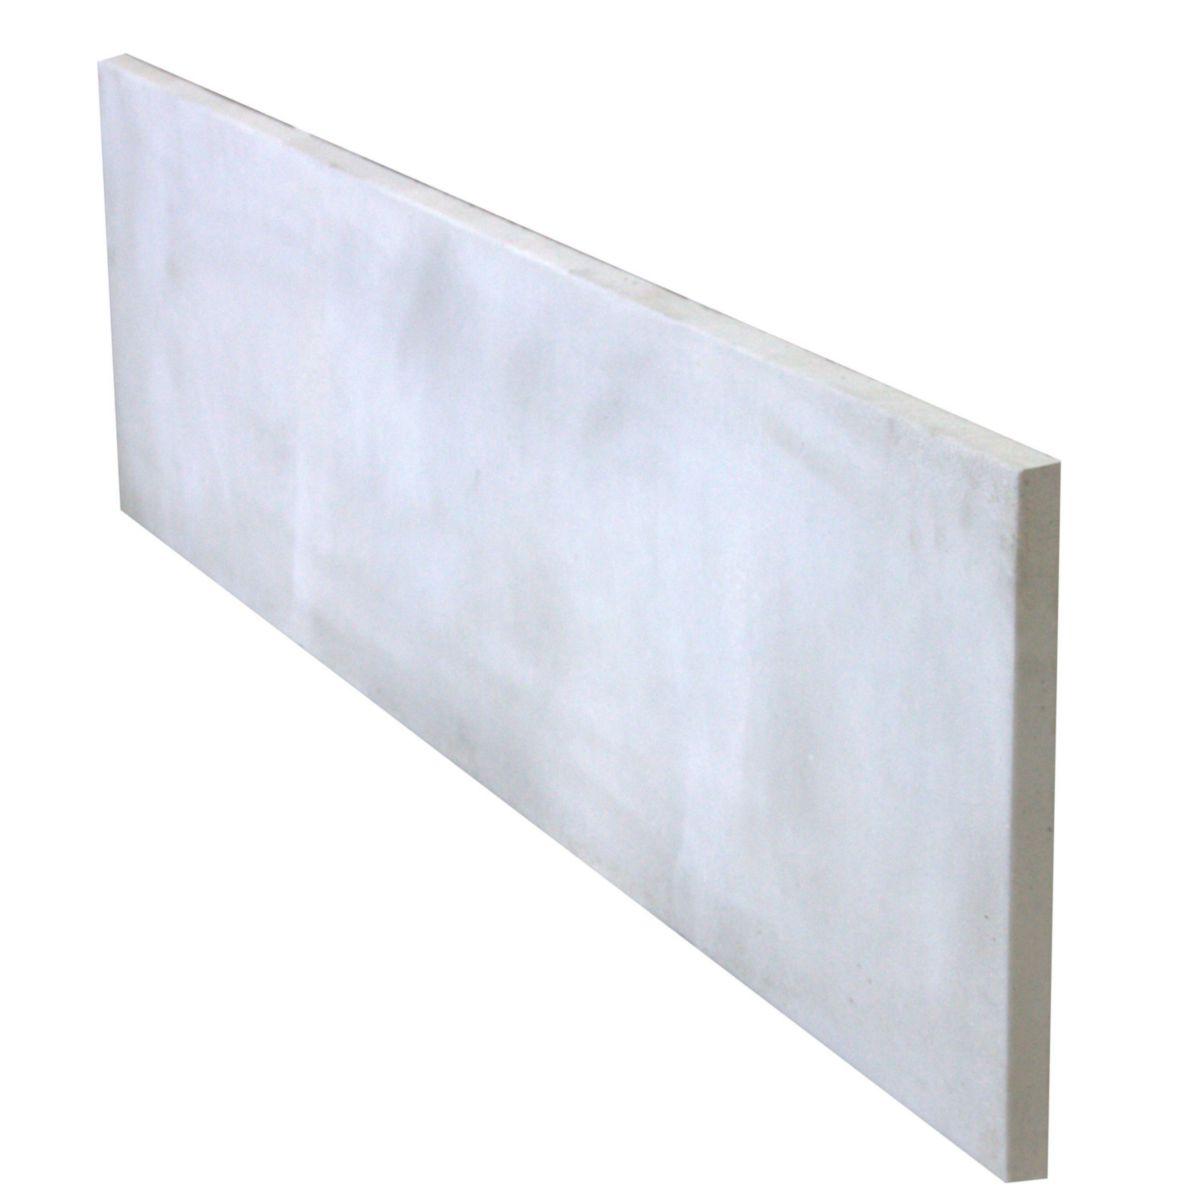 Prix D Un Mur De Cloture En Plaque De Beton plaque de clôture pleine - béton armé - 192x50x3,5 cm